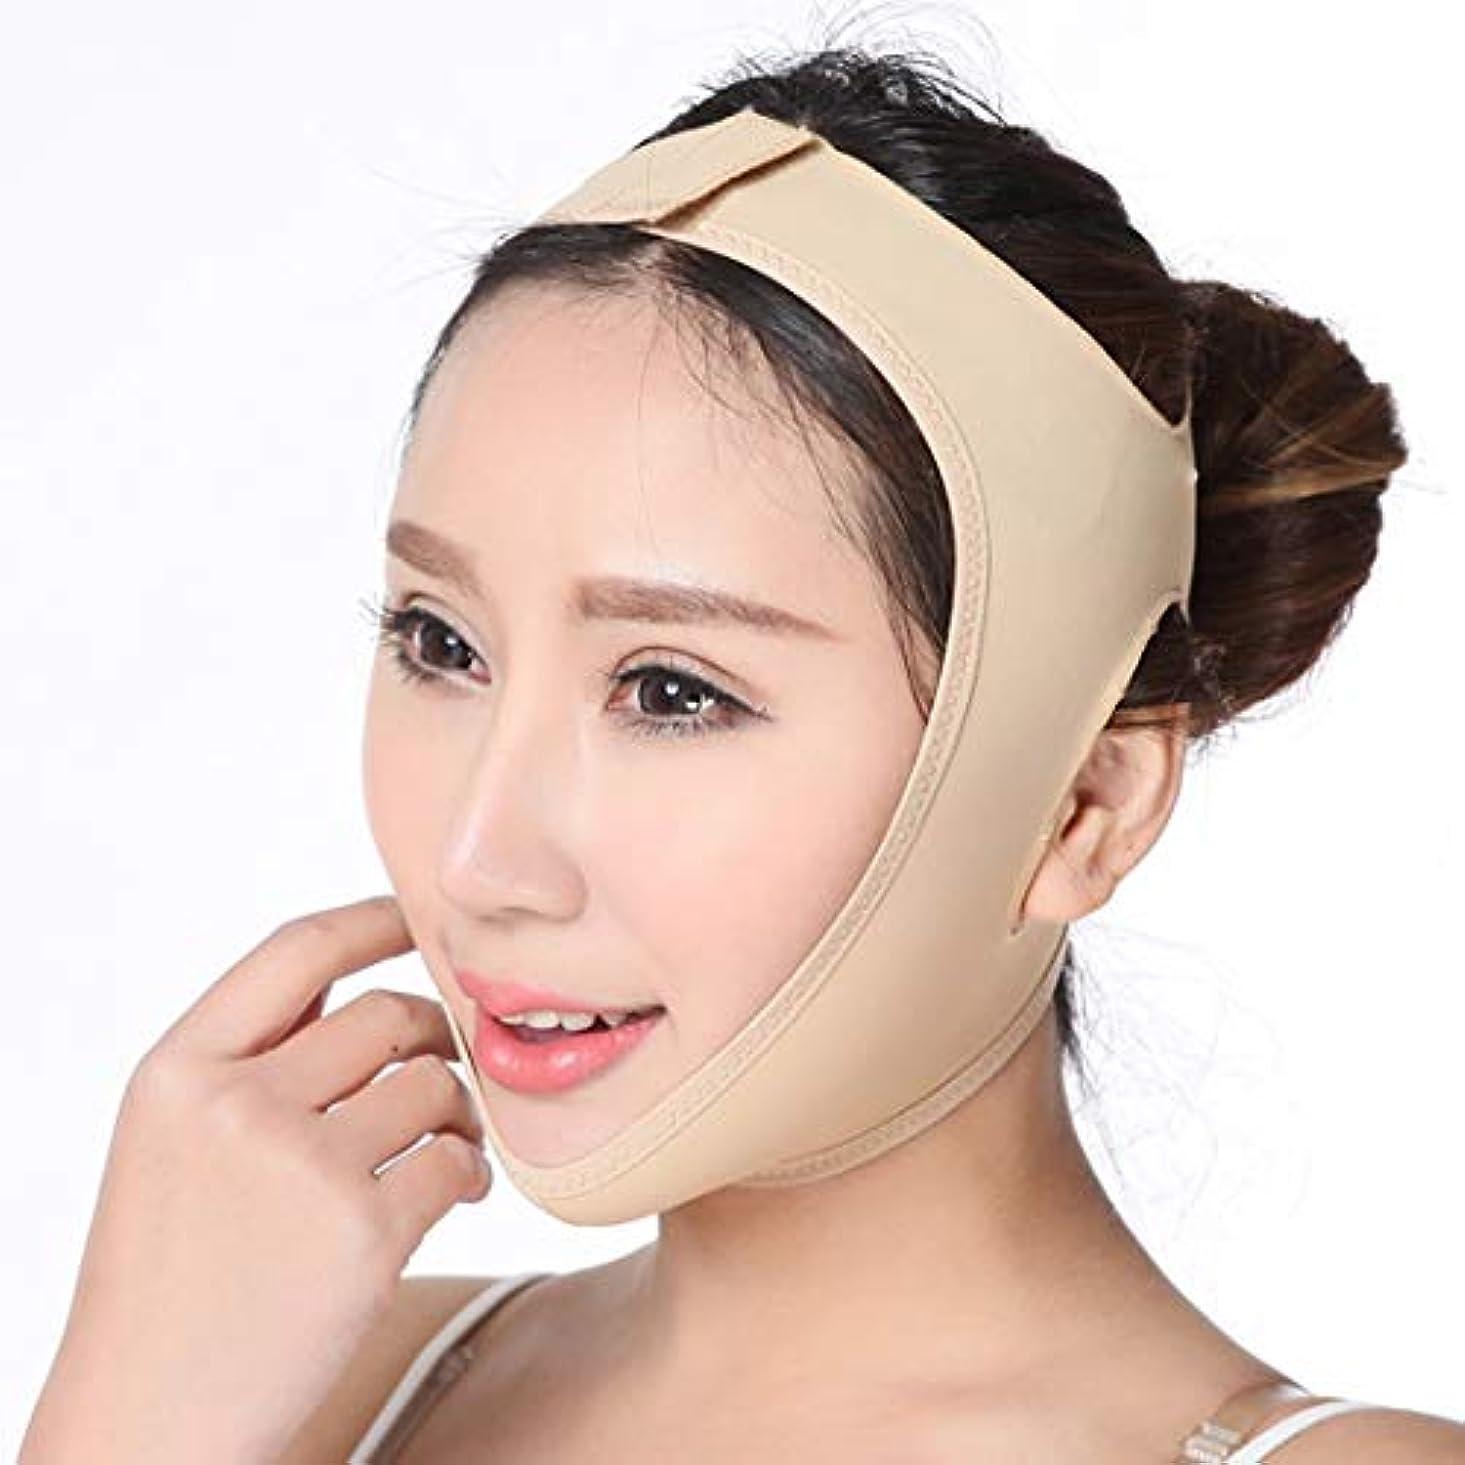 落ち着かない敏感な衝突ZWBD フェイスマスク, 薄い顔包帯ネット薄い二重あご包帯小V顔睡眠メロン顔持ち上がるタイト整形マスク